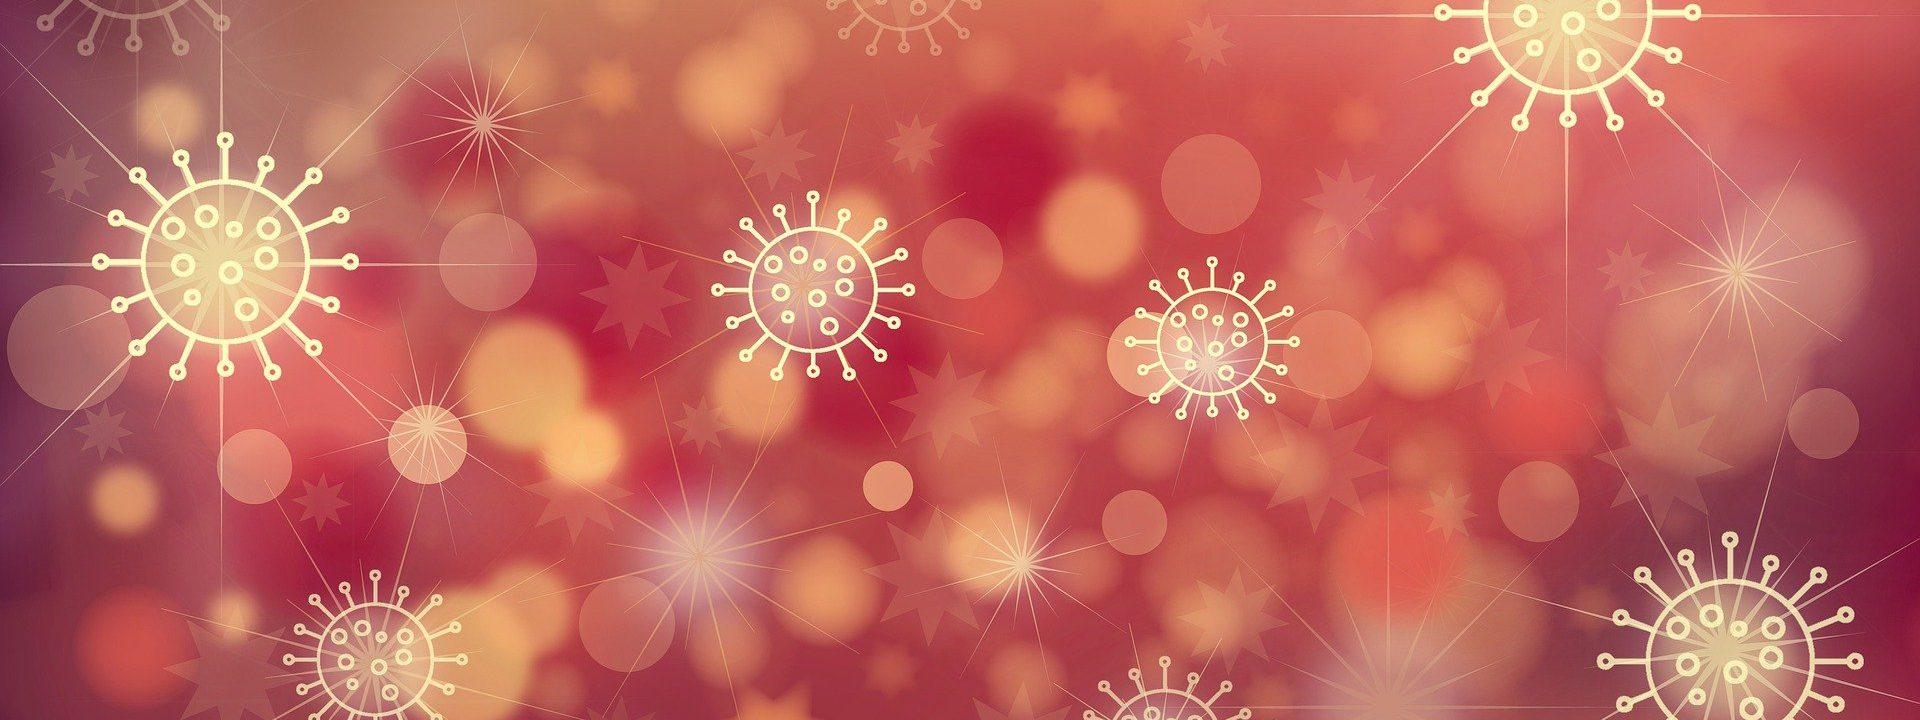 ¿Cómo disfrutar la Navidad en tiempo de Covid-19?